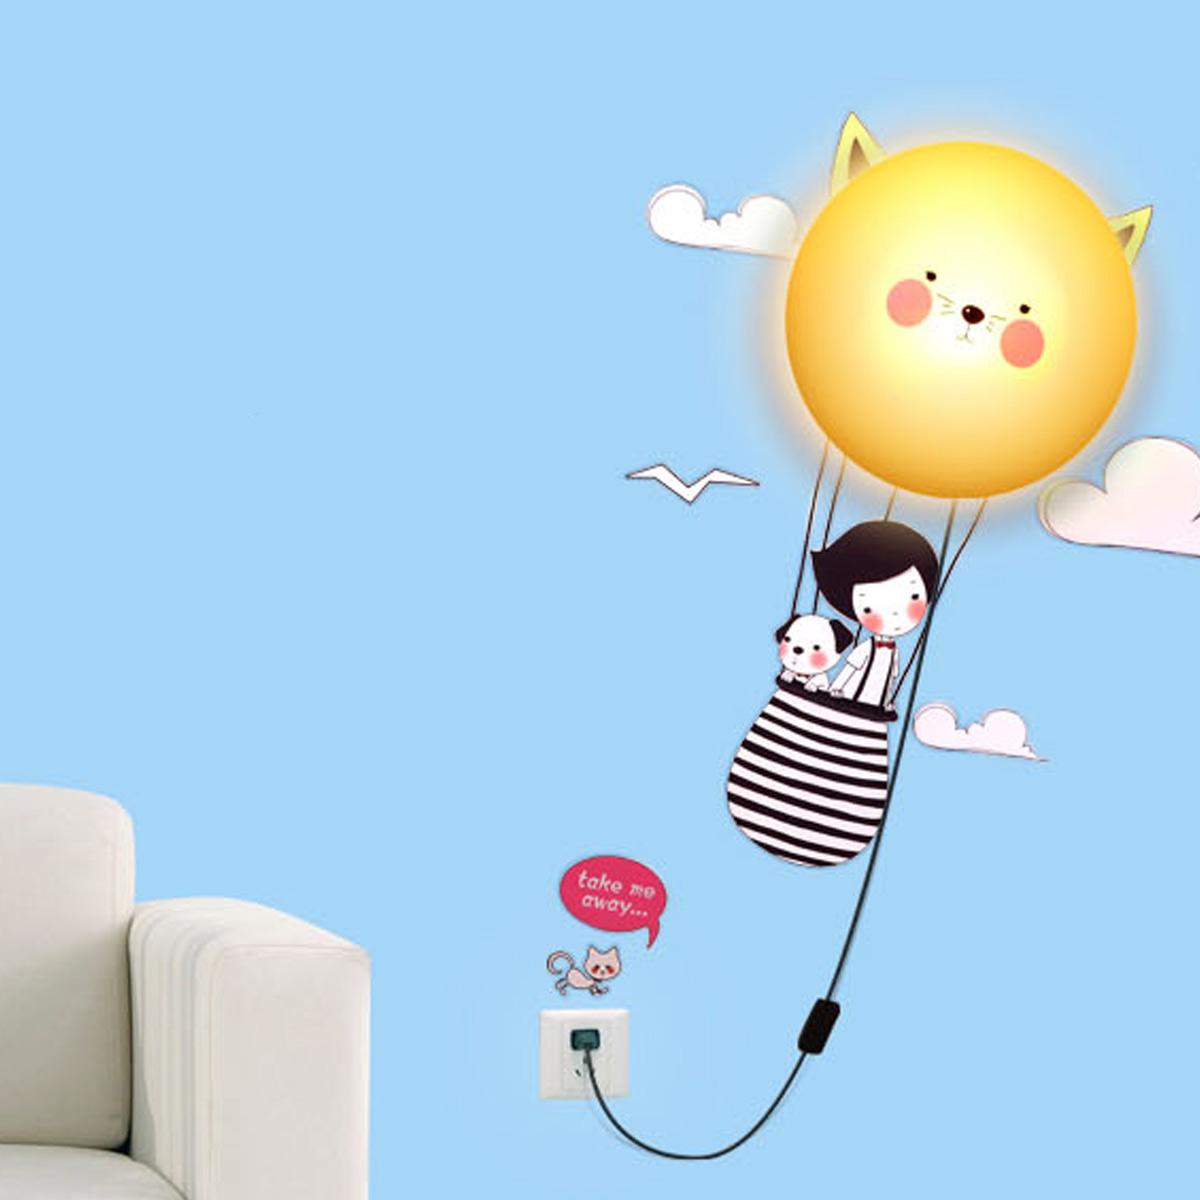 kinderlampe wanddekoration kinderzimmer mit wandtattoo. Black Bedroom Furniture Sets. Home Design Ideas